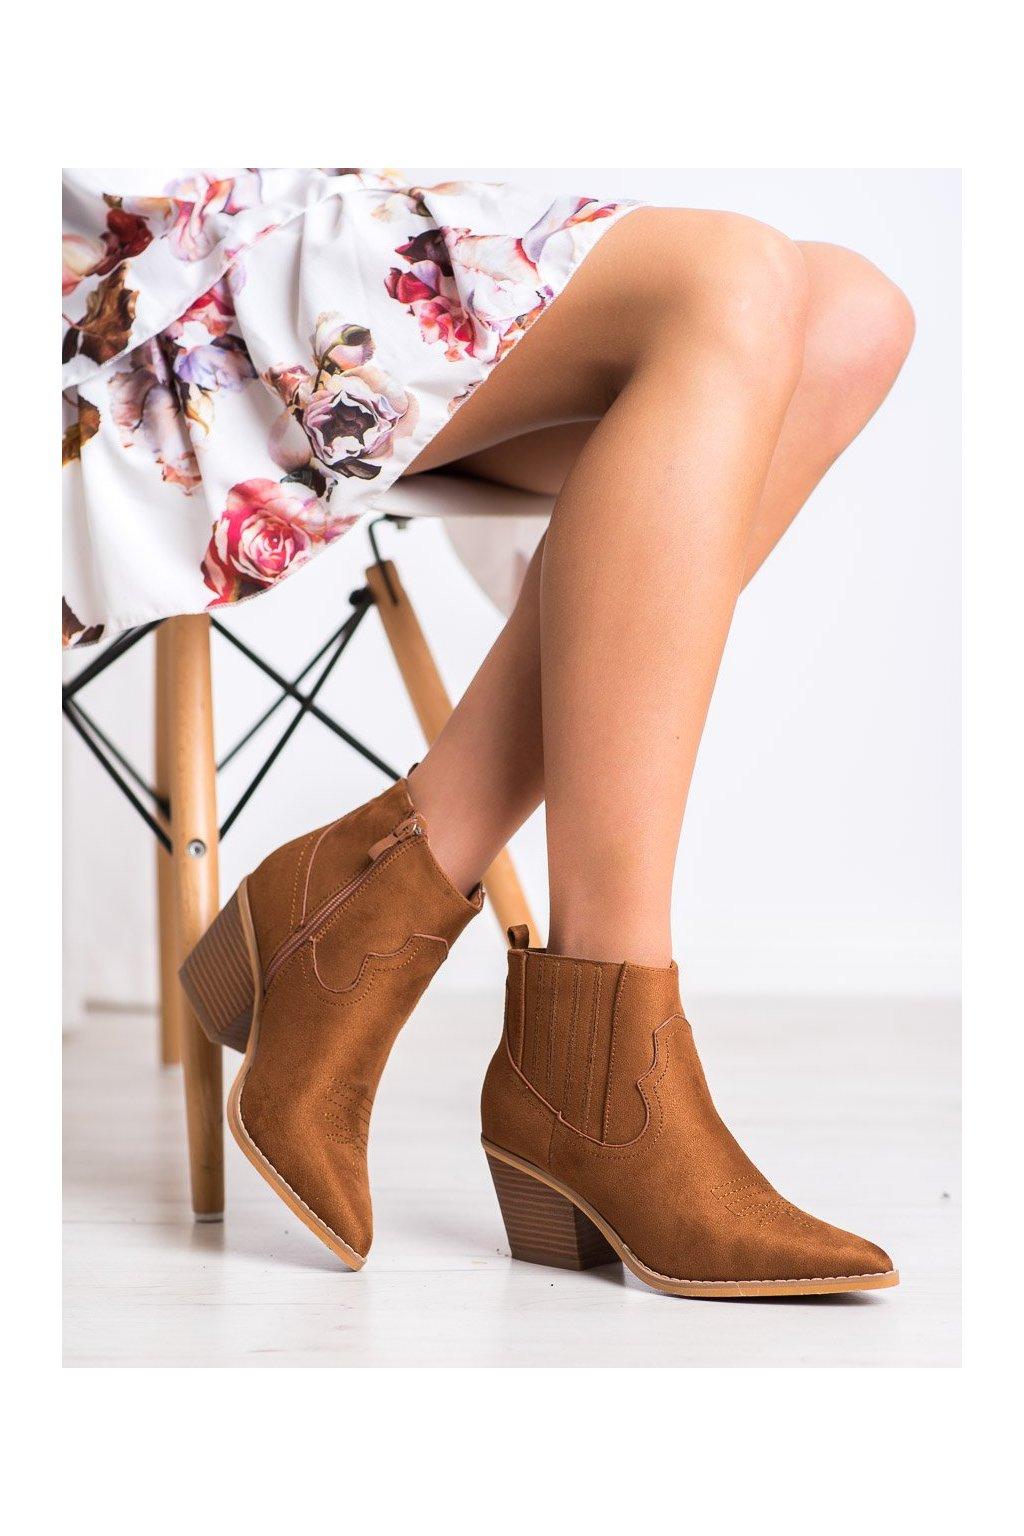 Hnedé dámske topánky Shelovet kod 888-112C